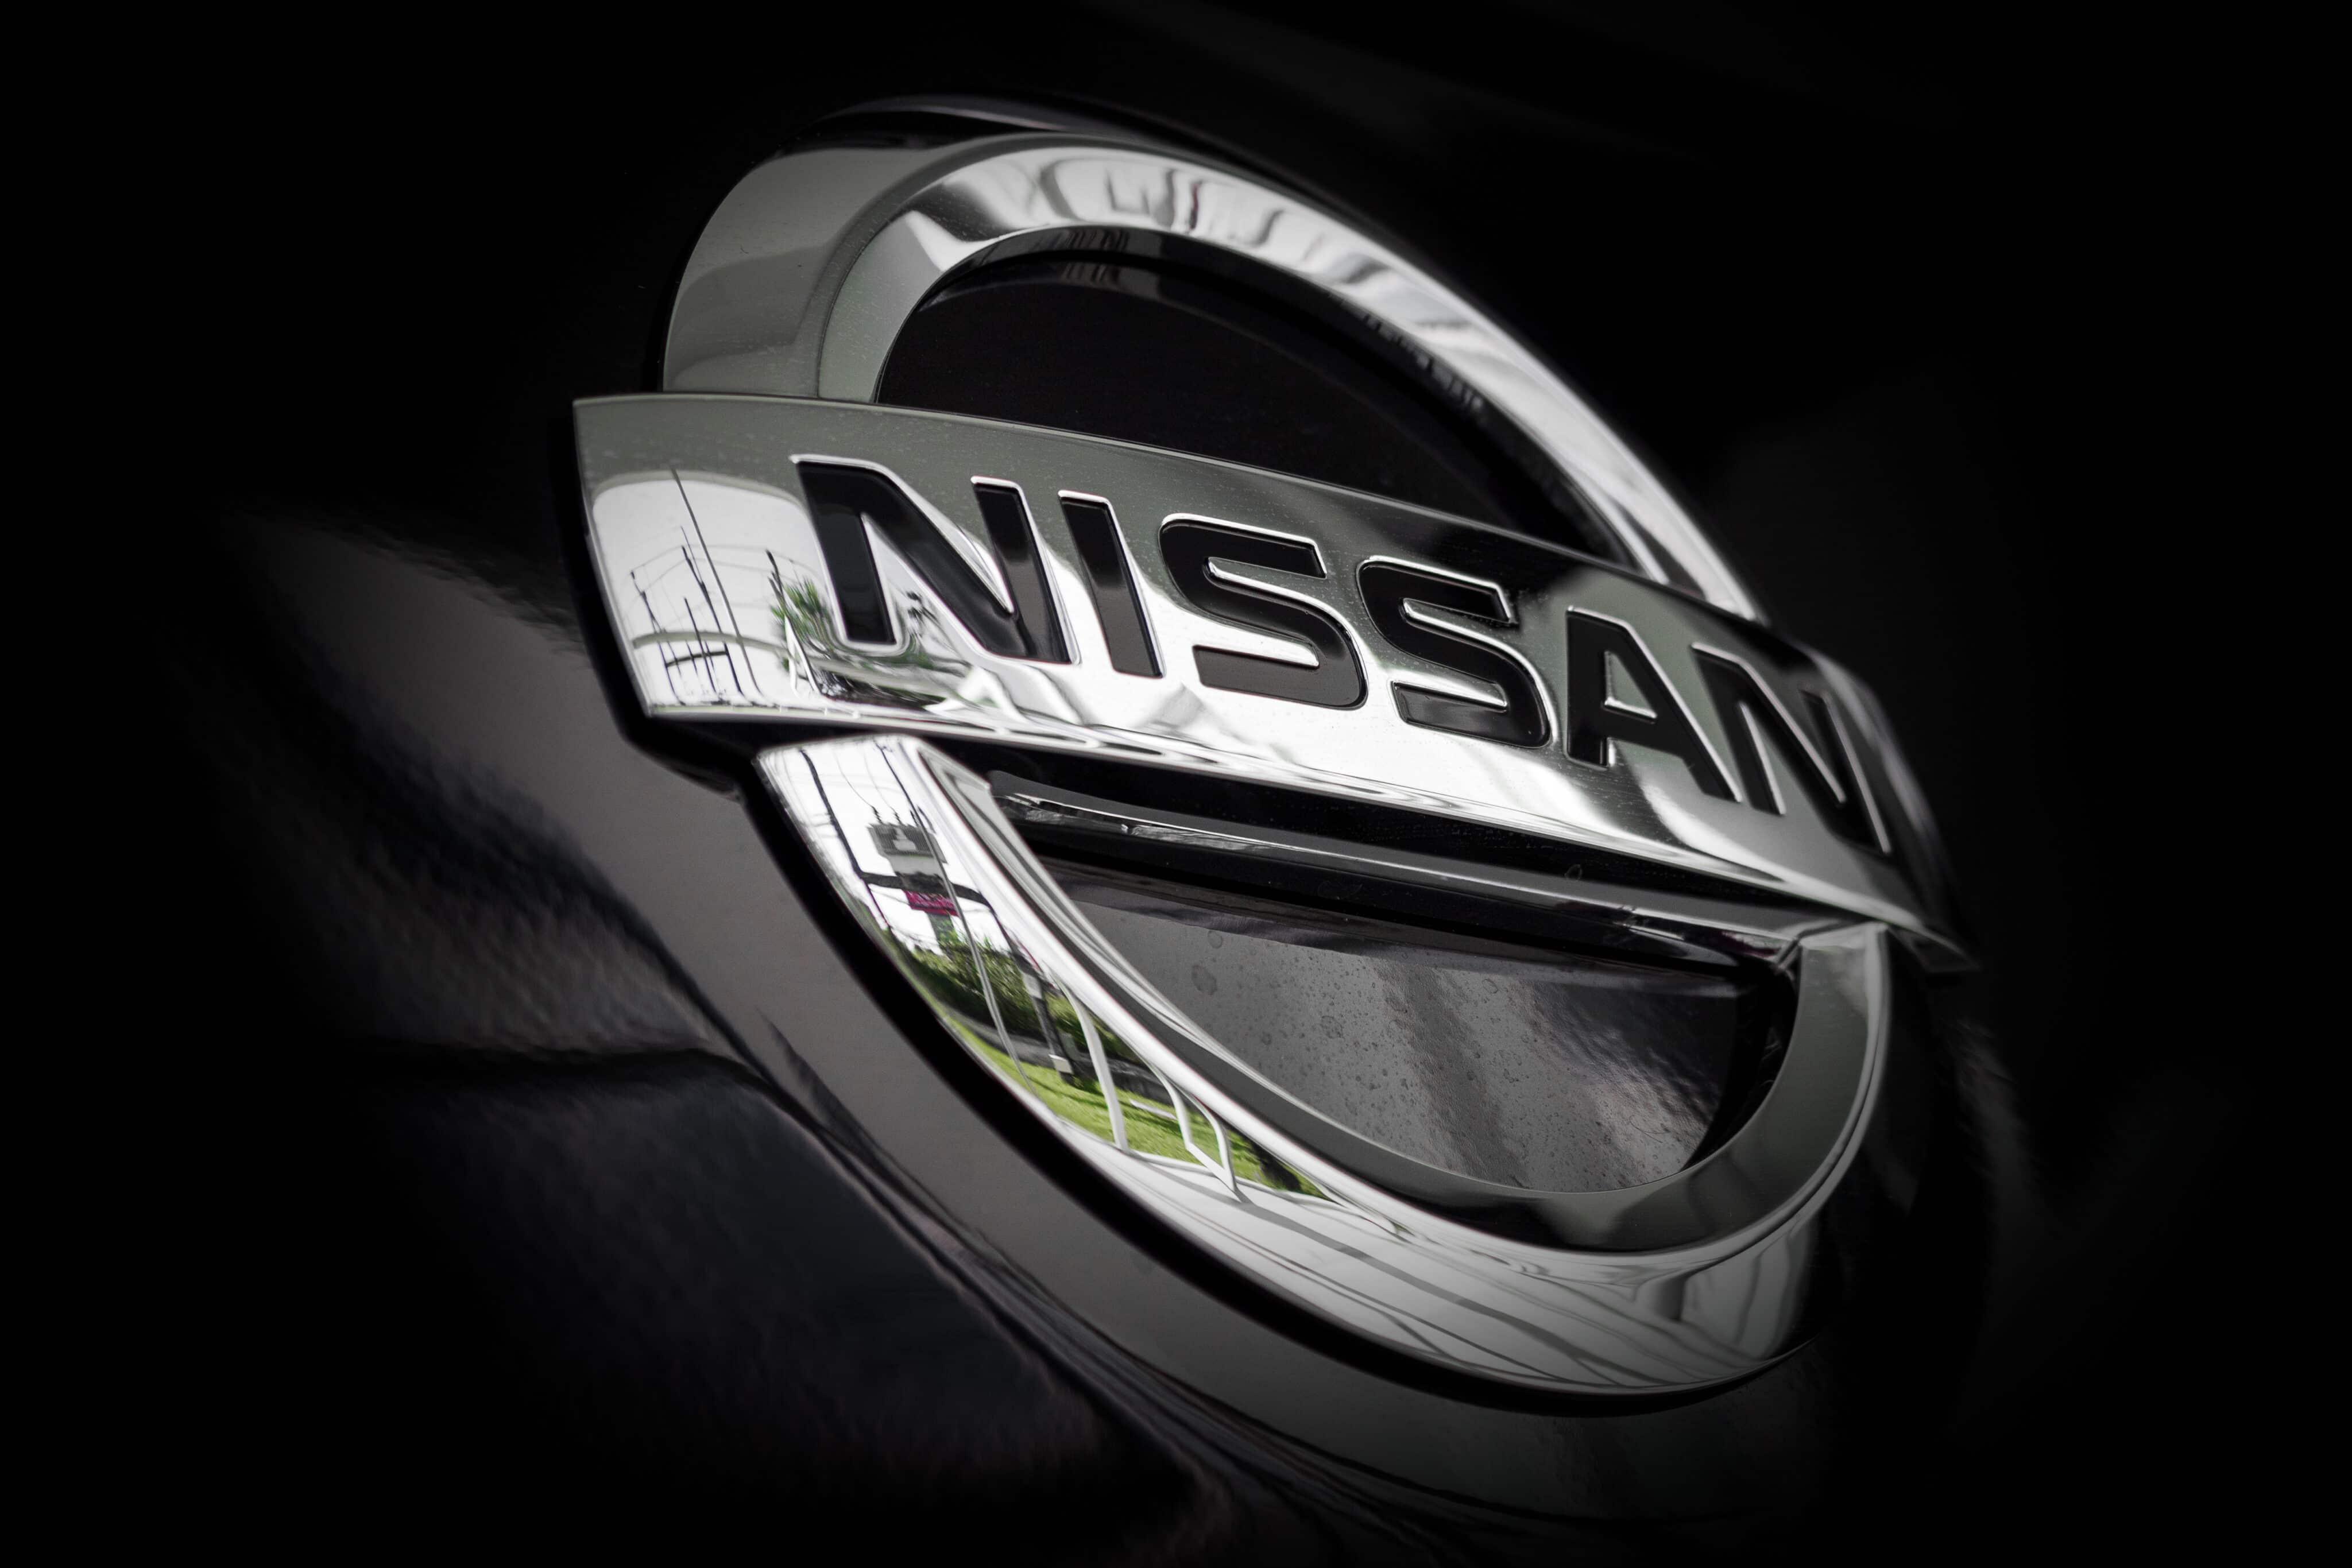 Marca da Nissan em preto e branco